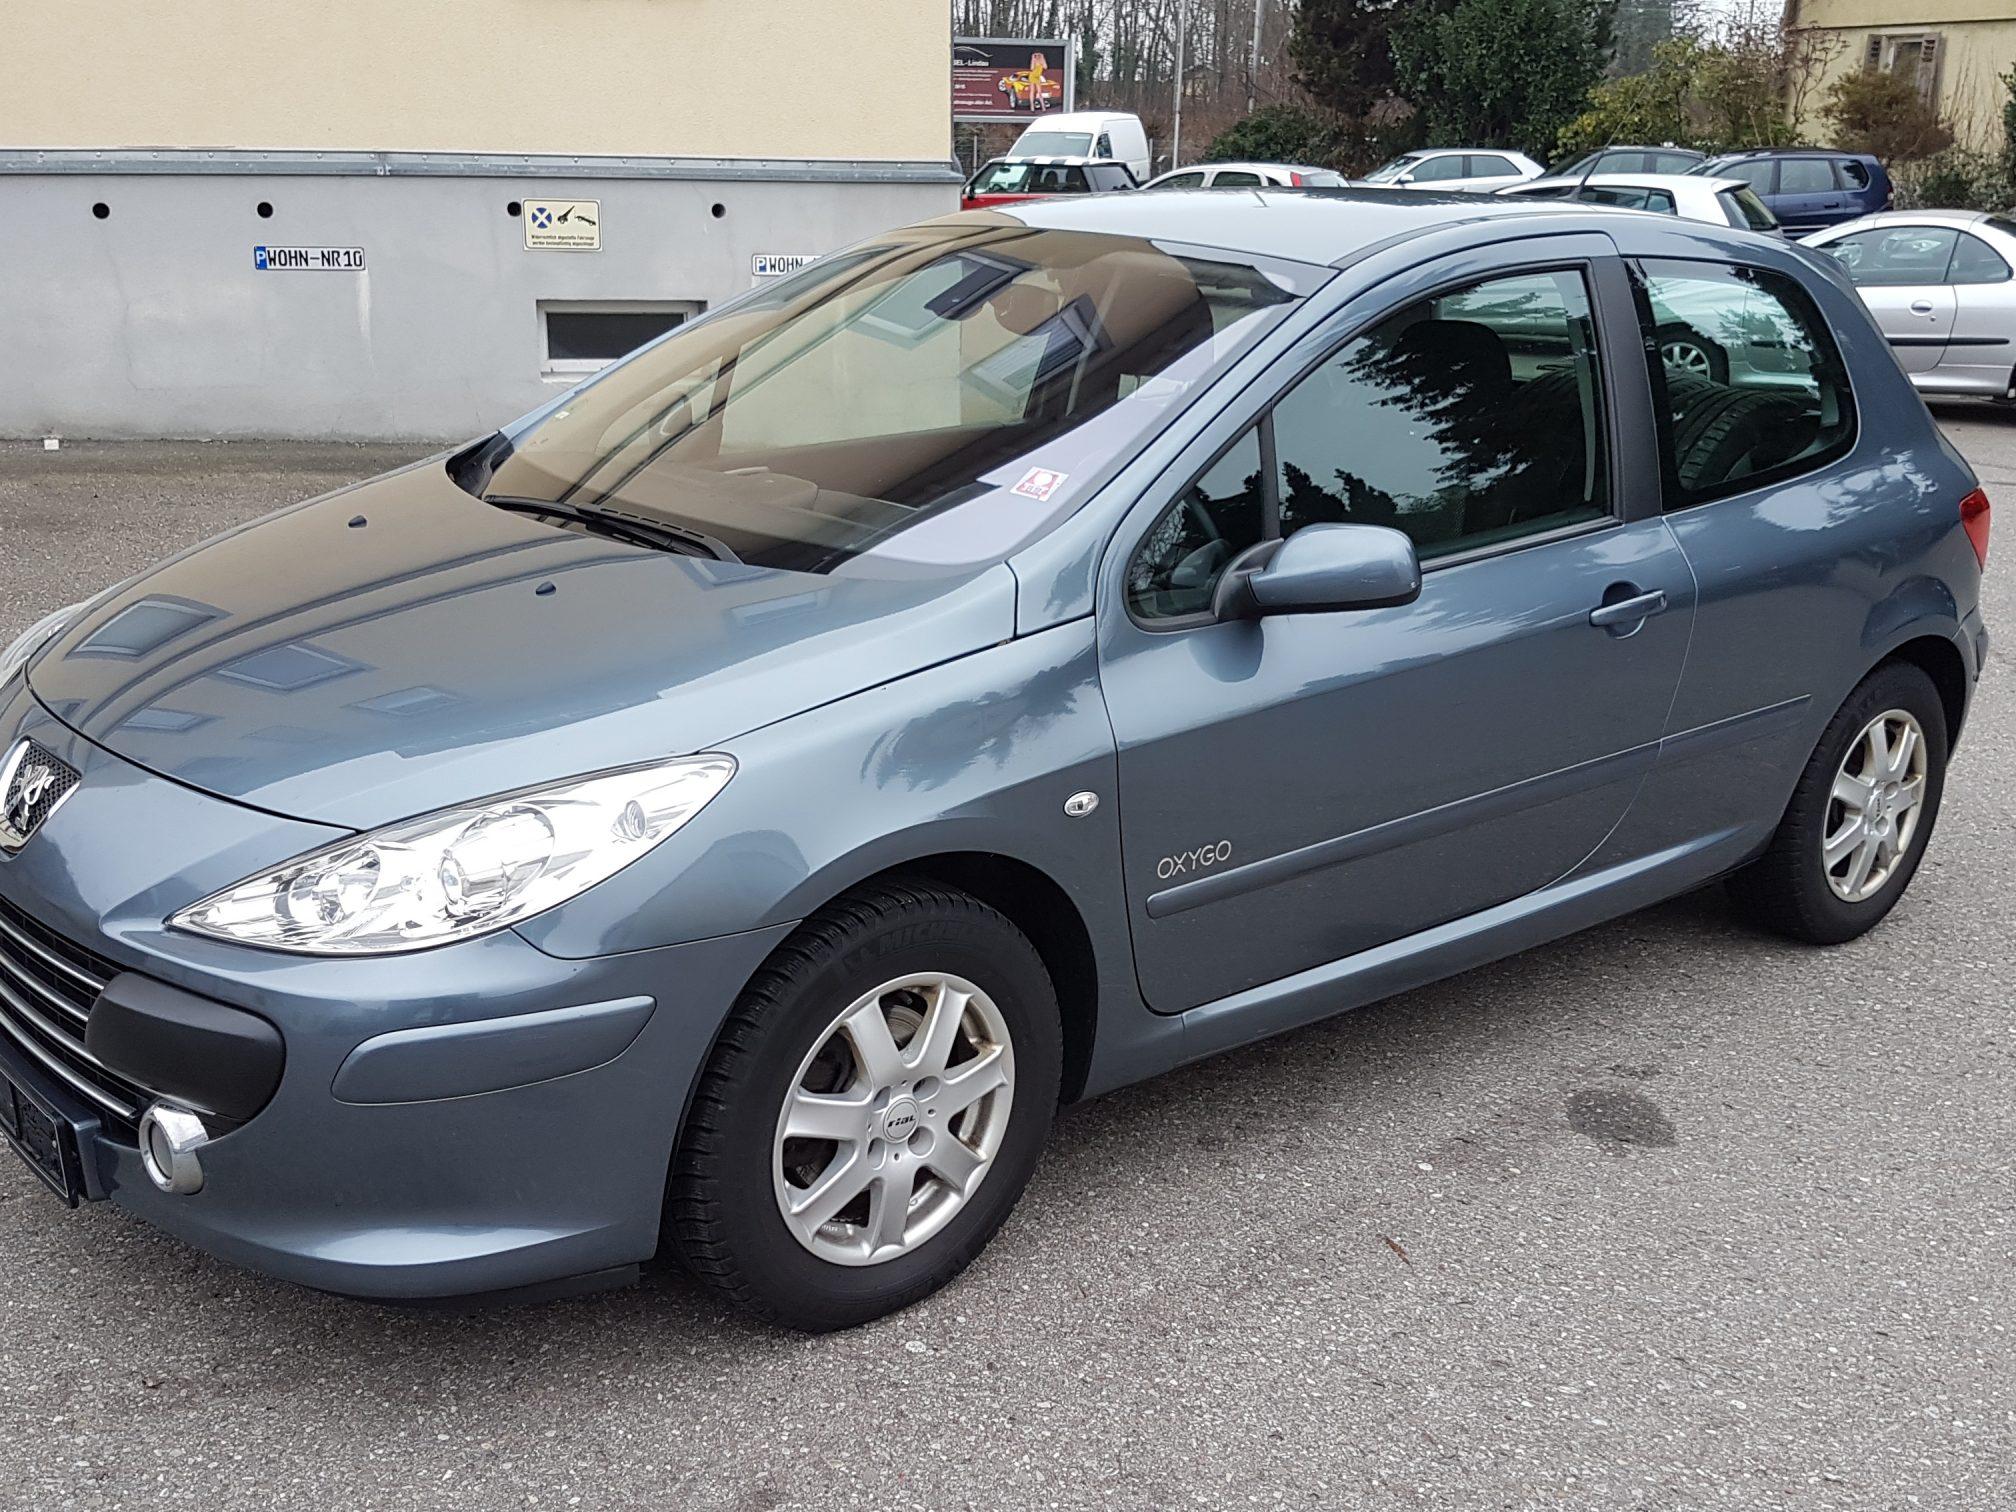 Peugeot307 1.6 HDI